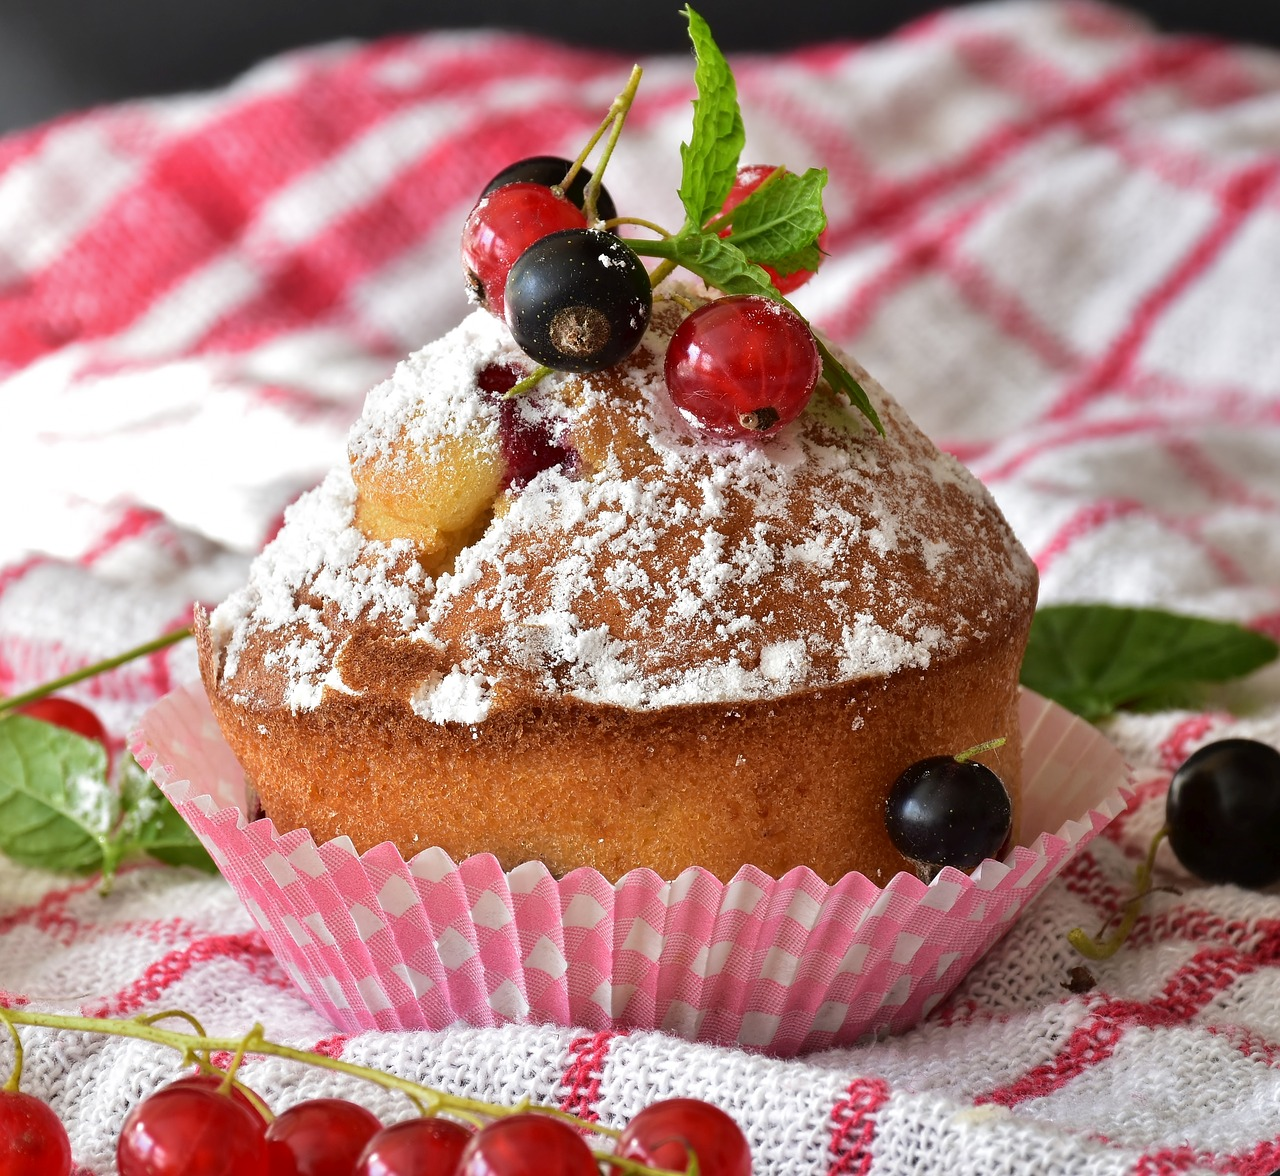 muffin-3510308_1280